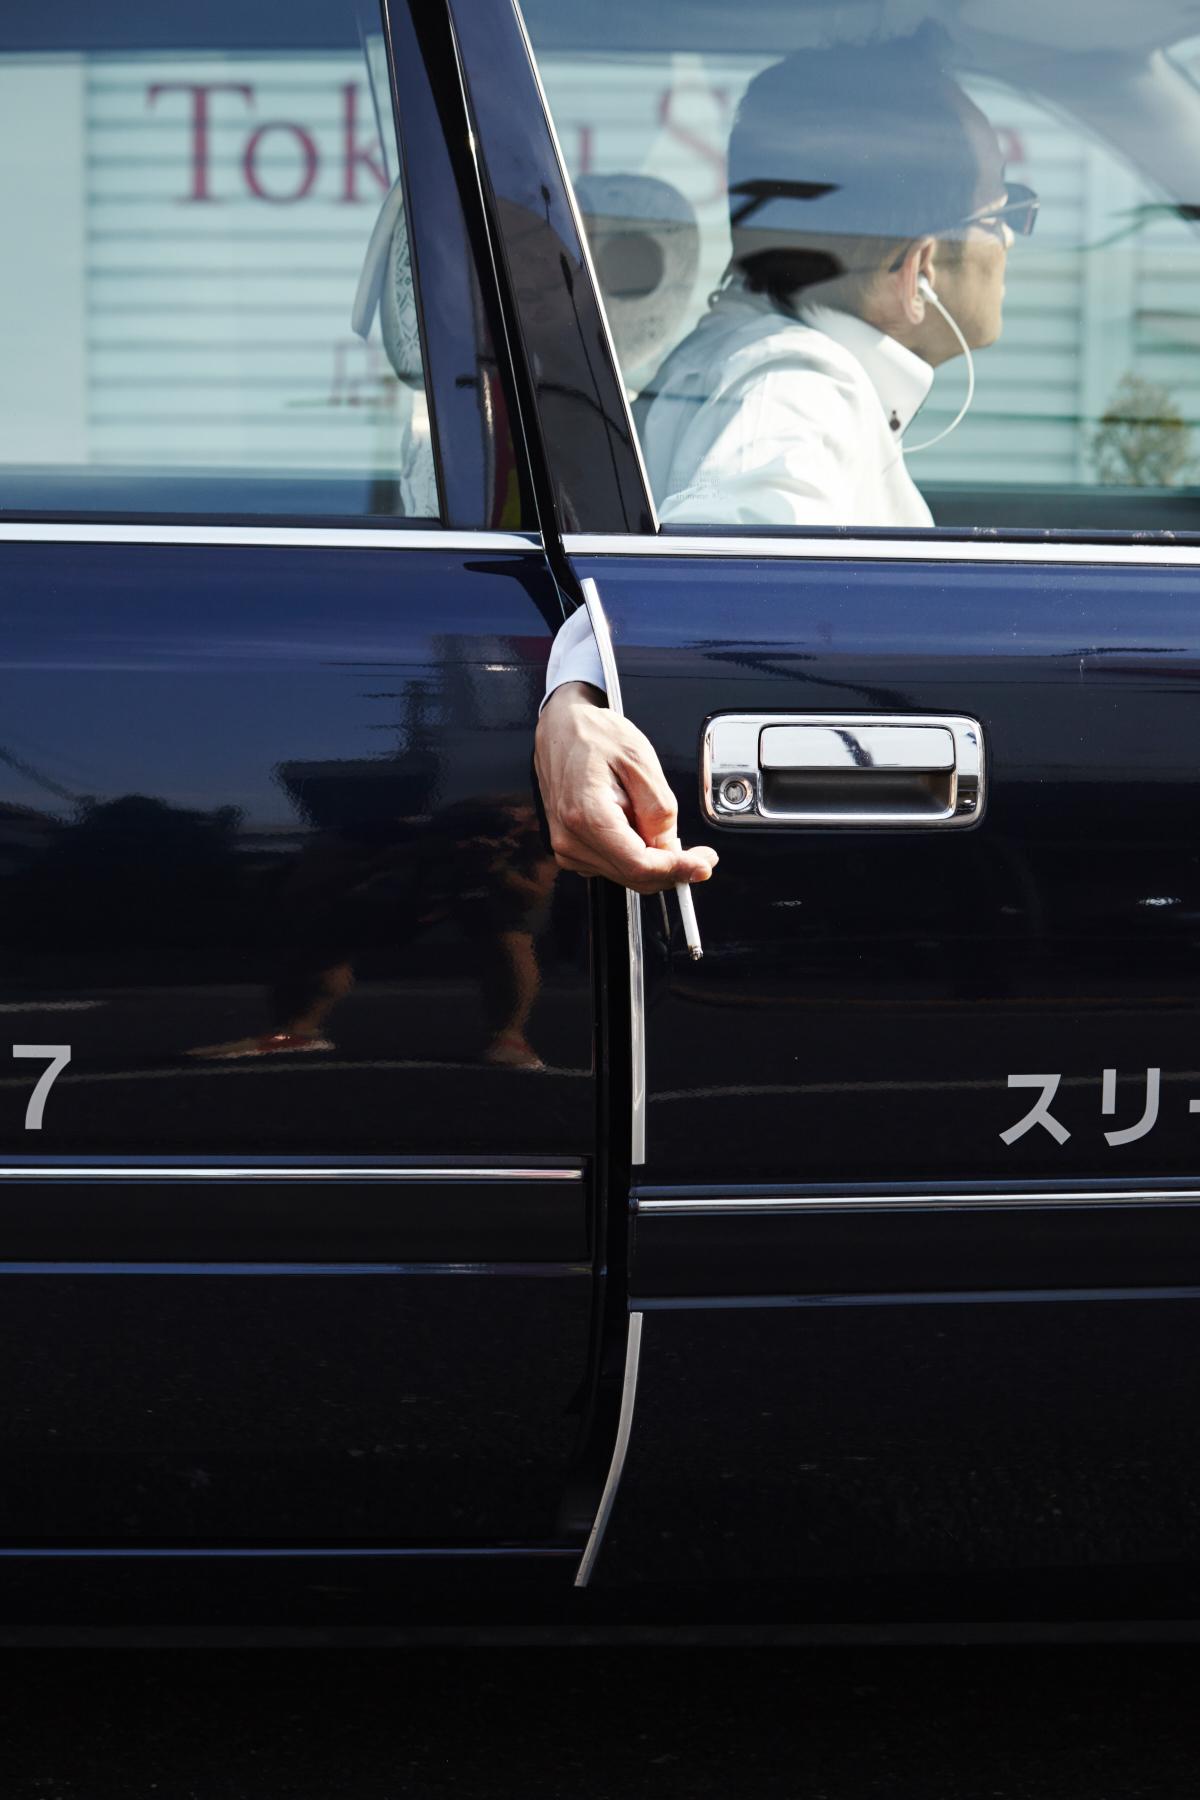 Unit_Jochem_van_Grunsven_Japan_Honne_Tatemae_16_2197.jpg